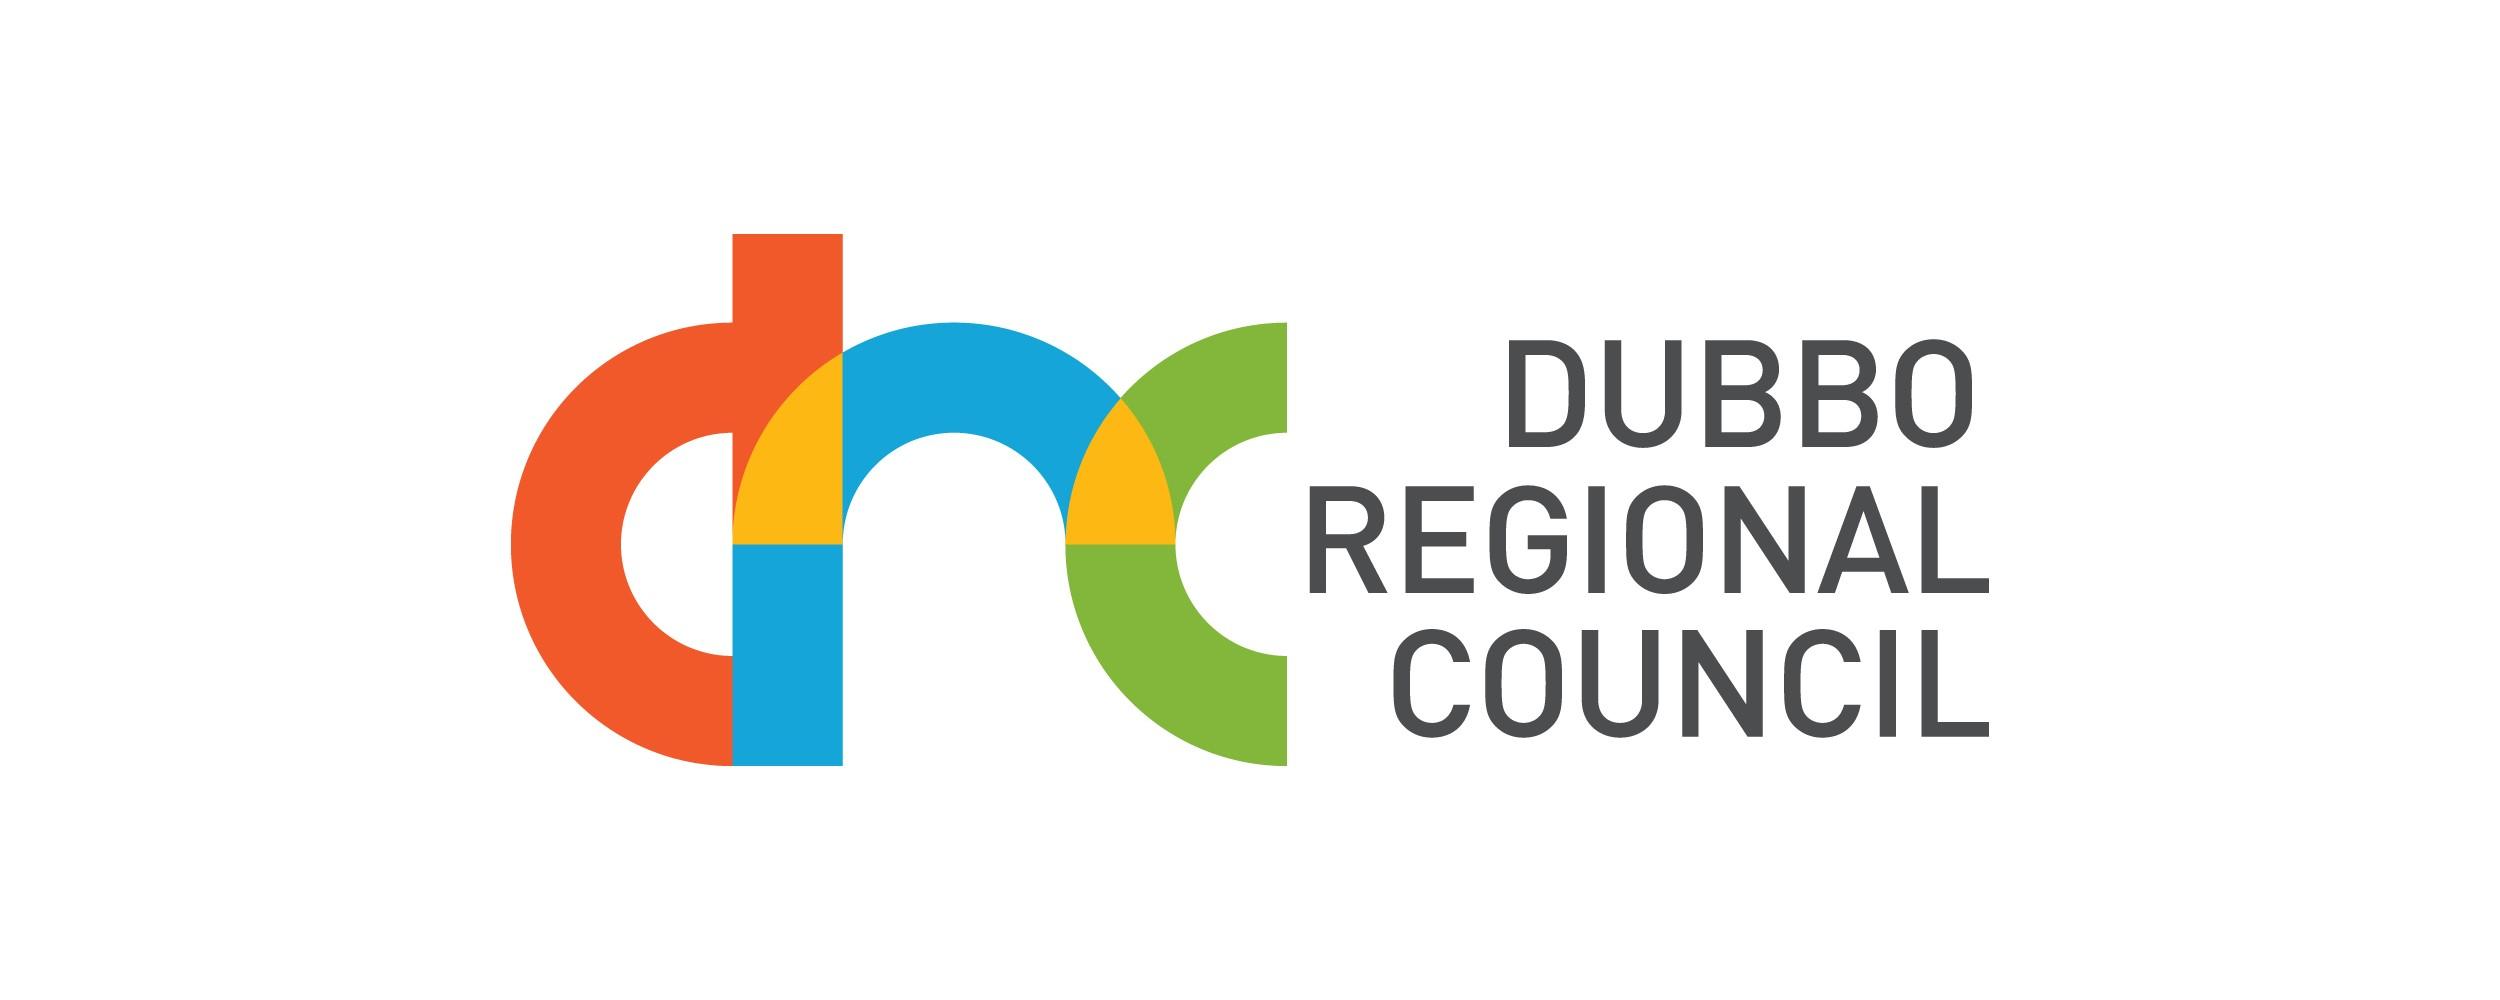 Dubbo Regional Council logo.jpg